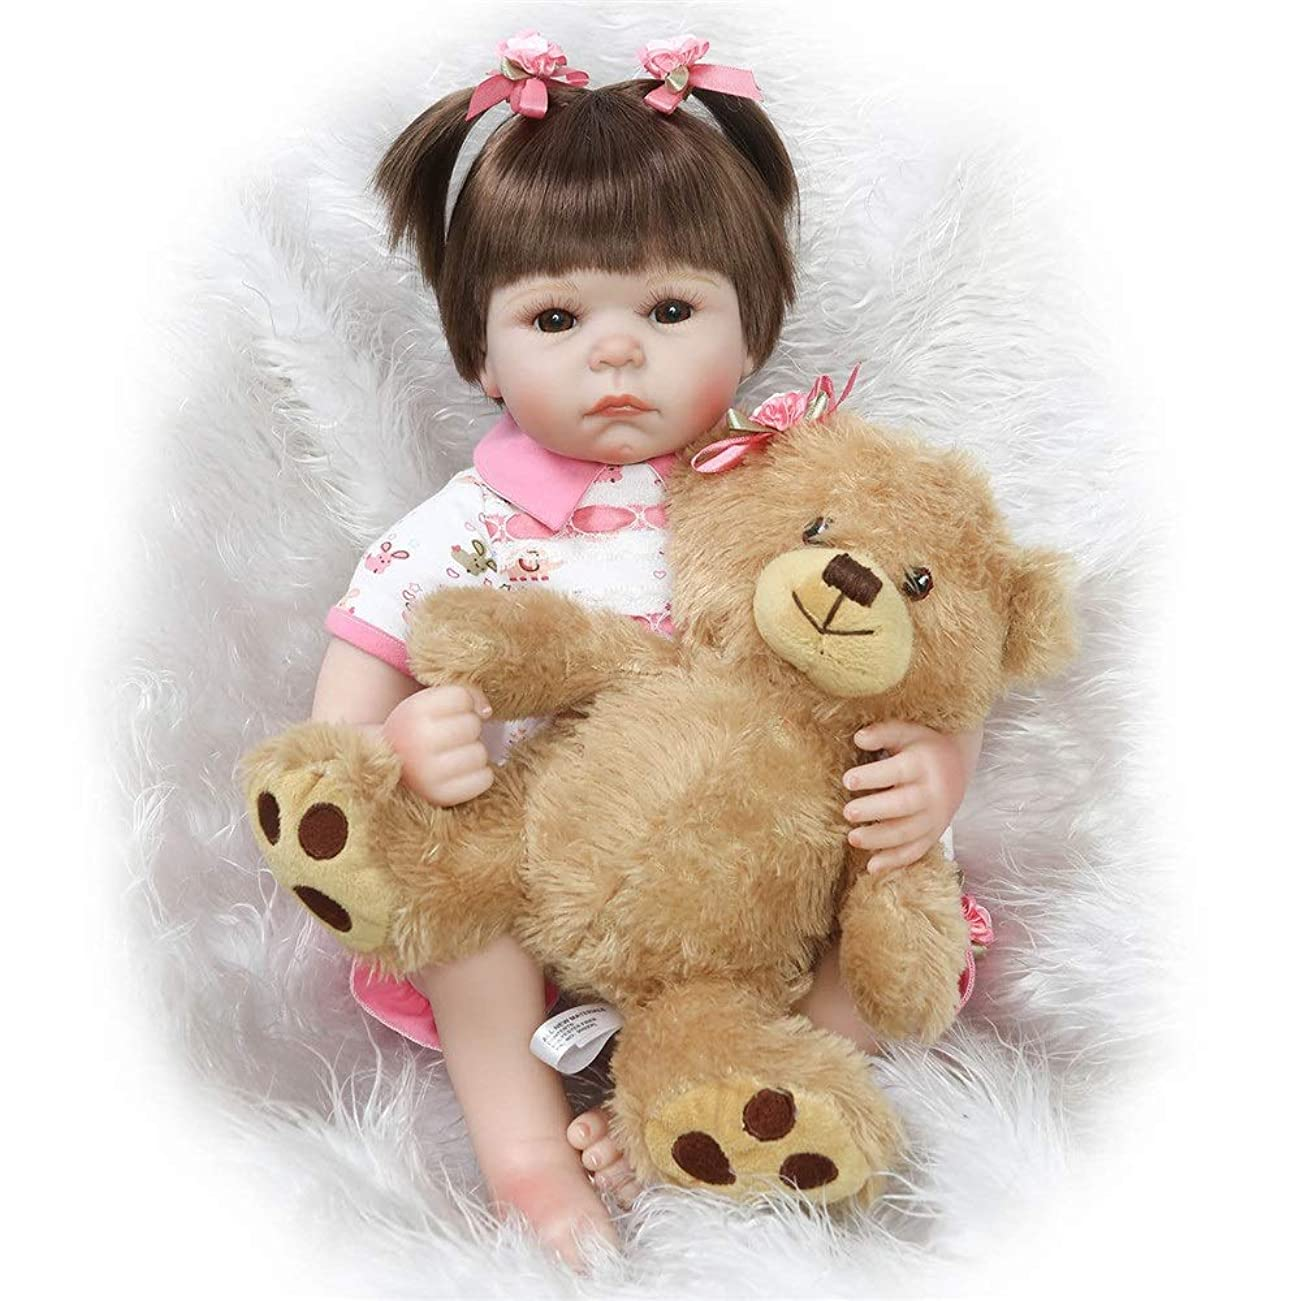 必要条件汗エコー模擬赤ちゃん人形はお リボーンベビードールソフトビビッドガールリアルなシミュレーションシリコーンビニール布ボディ22inch 55センチメートル (Color : Photo Color, Size : 55cm)